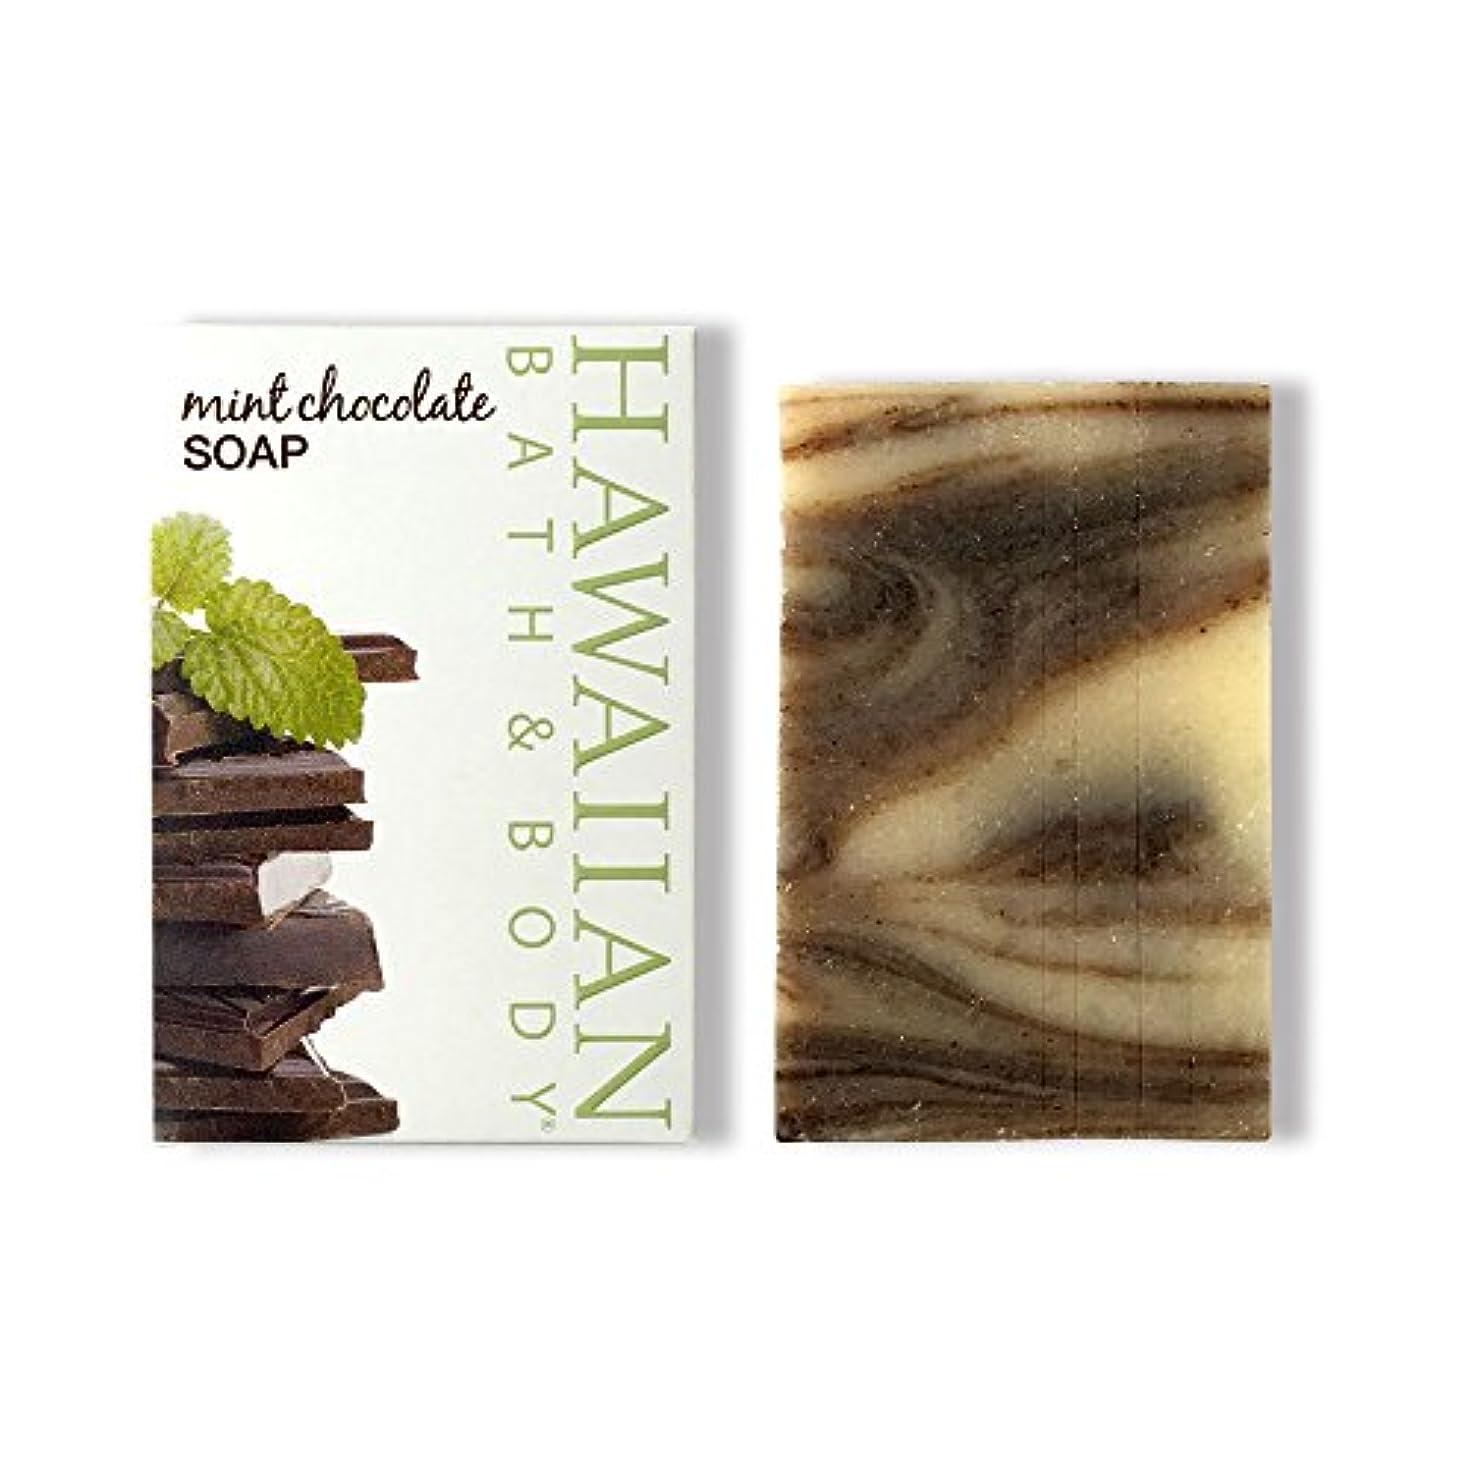 ドラマバングラデシュ変化ハワイアンバス&ボディ ハワイアン?ミントチョコレートソープ ( Hawaii Mint Chocolate Soap )